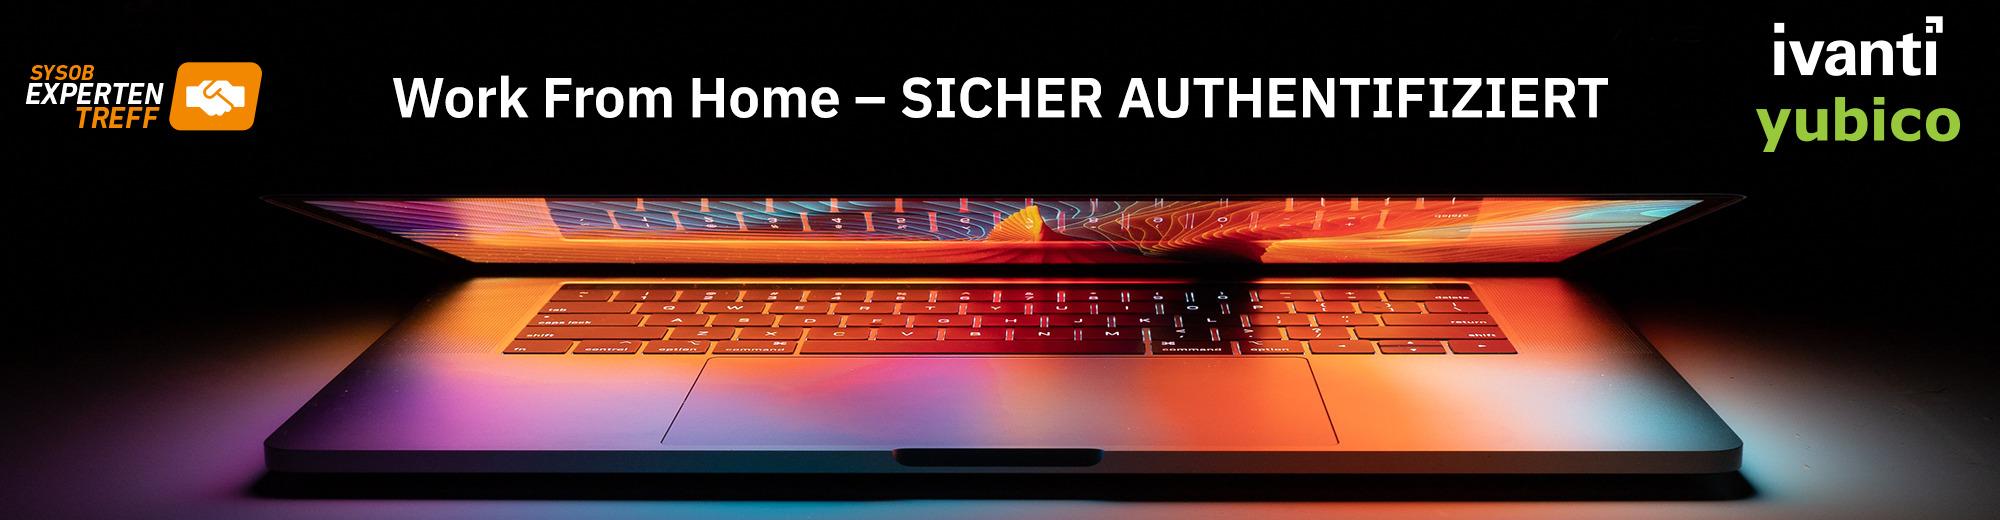 Work From Home - sicher Authentifiziert mit Pulse Secure (IVANTI) und Yubico